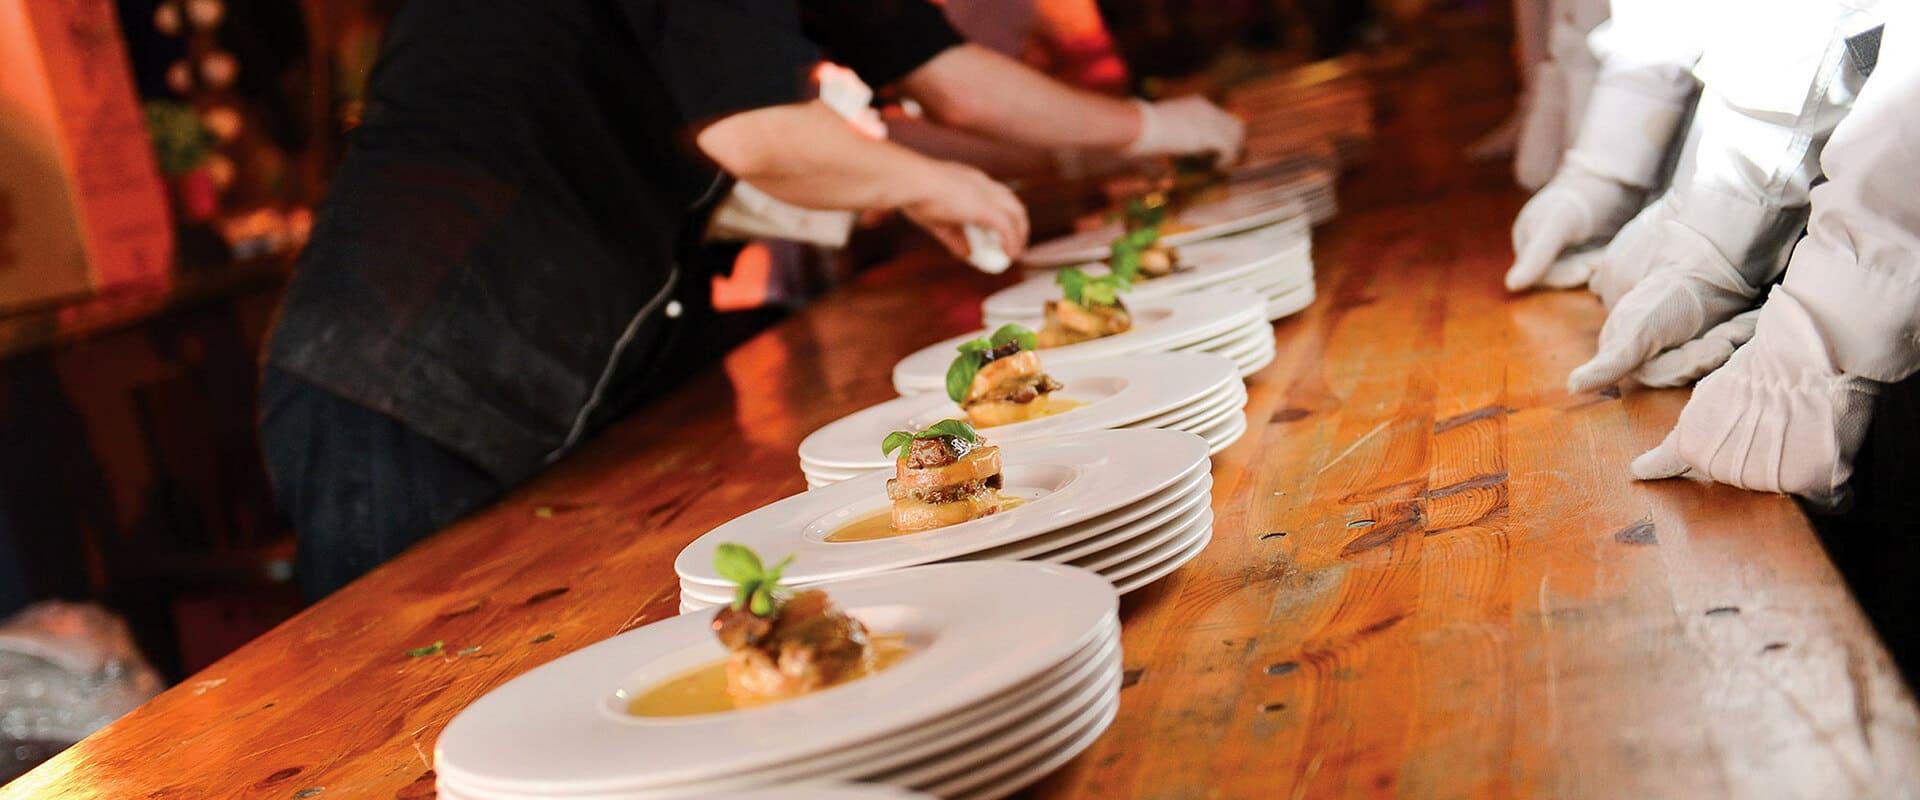 Vip catering dla firm Kraków Katowice